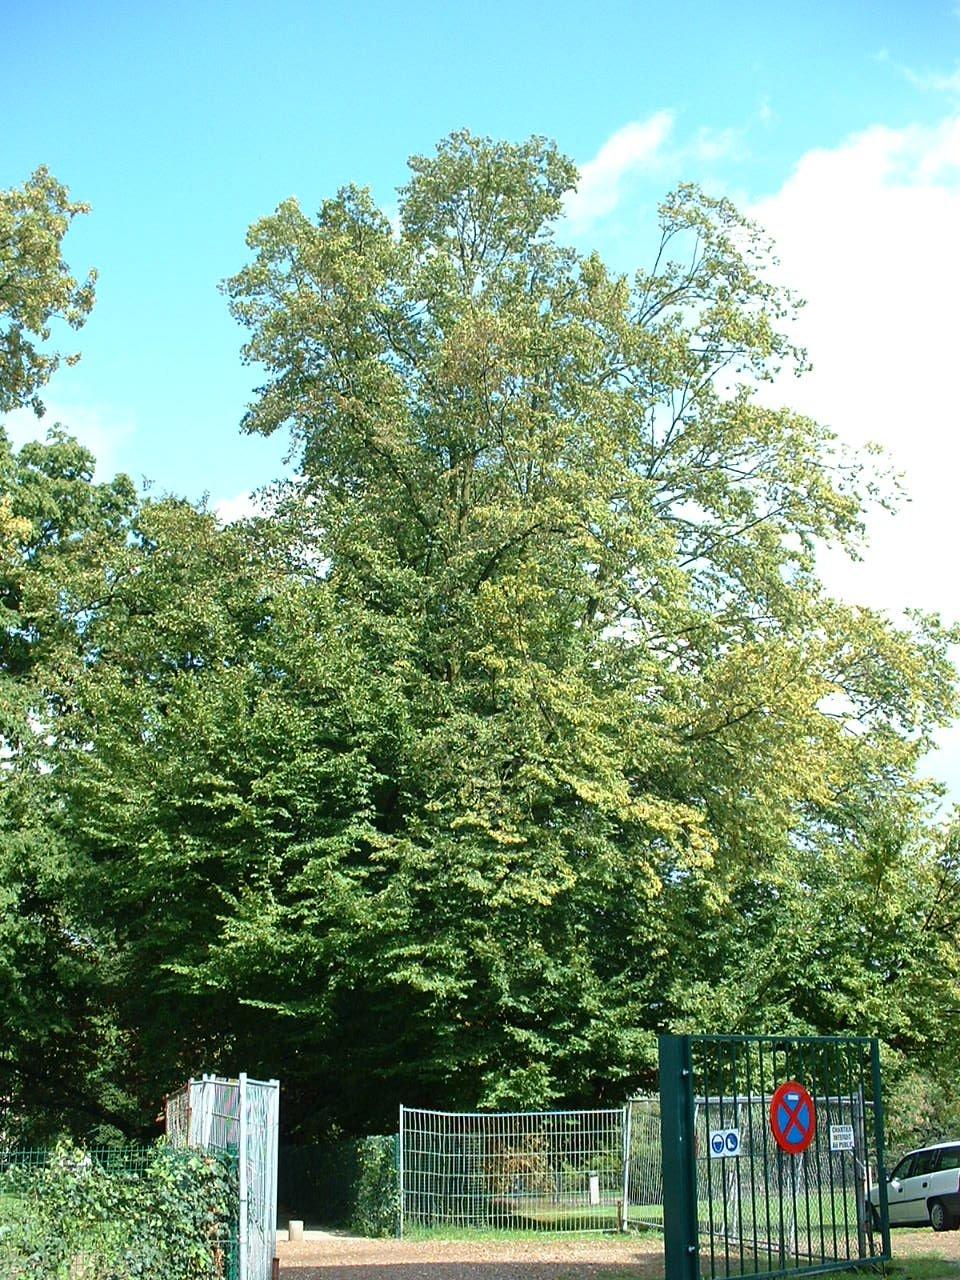 Charme commun – Bruxelles, Parc privé de l'Institut royal des Sciences naturelles de Belgique et chemin des Chablis, parc –  28 Août 2006